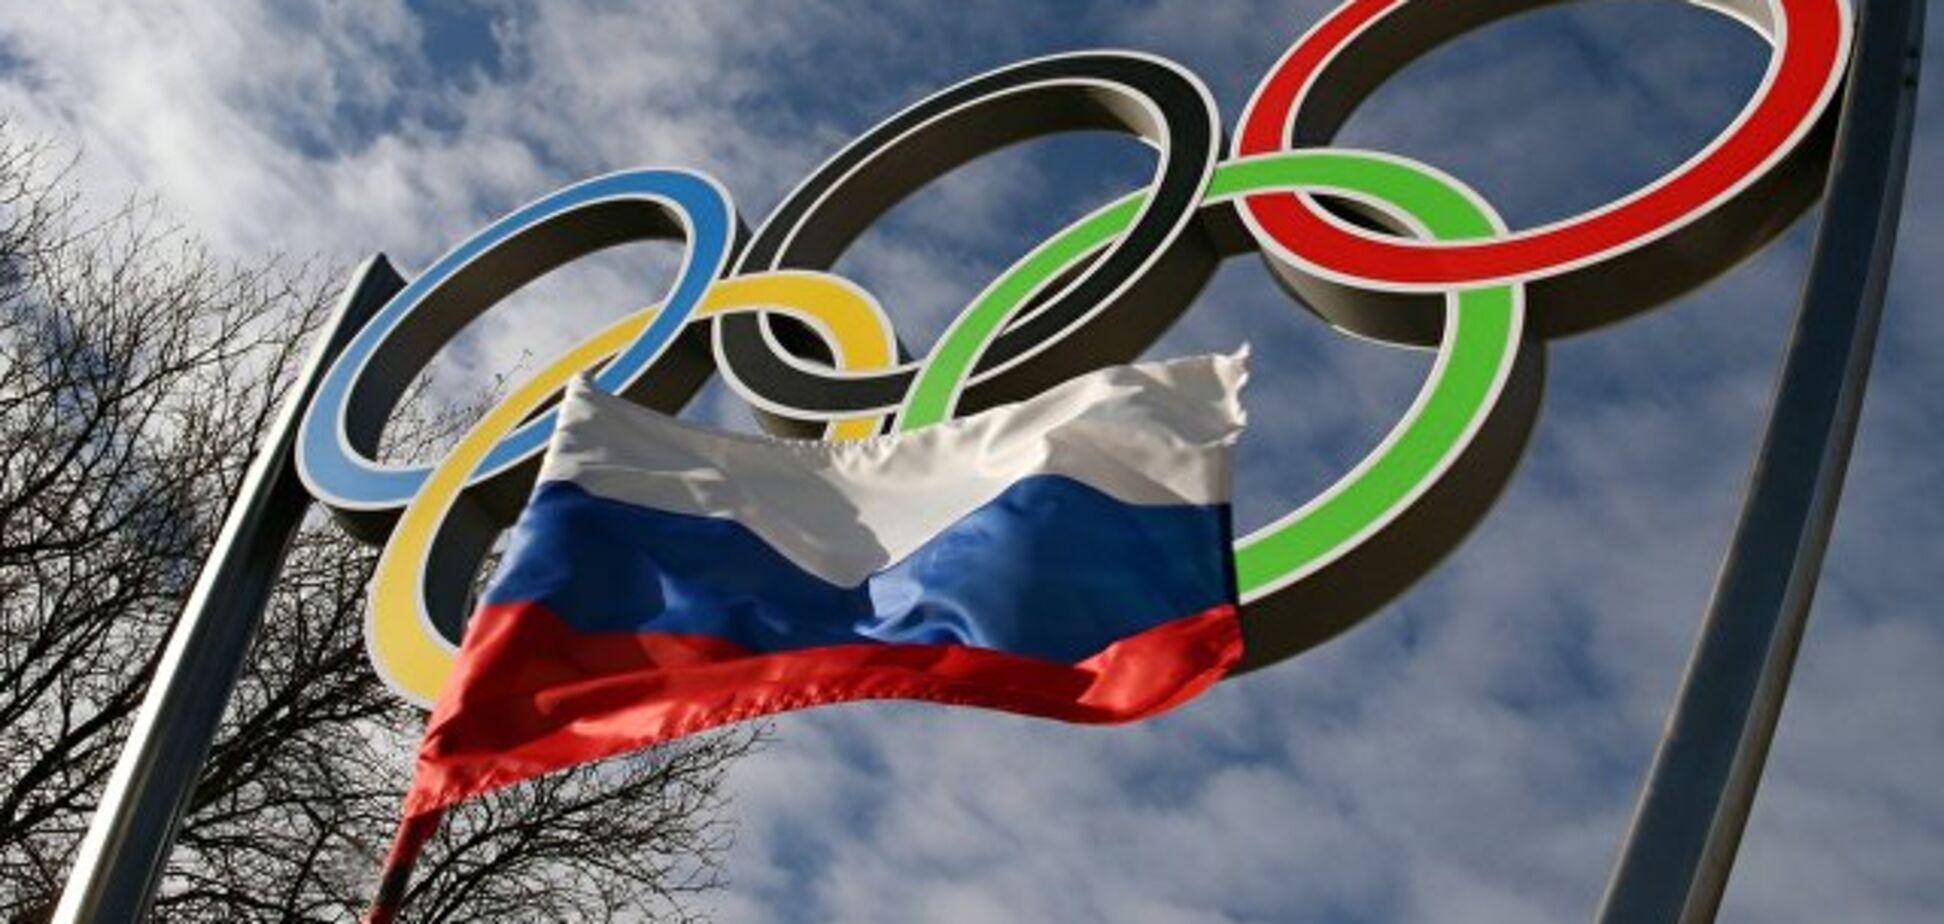 Незадоволені! МОК продовжить боротьбу з Росією